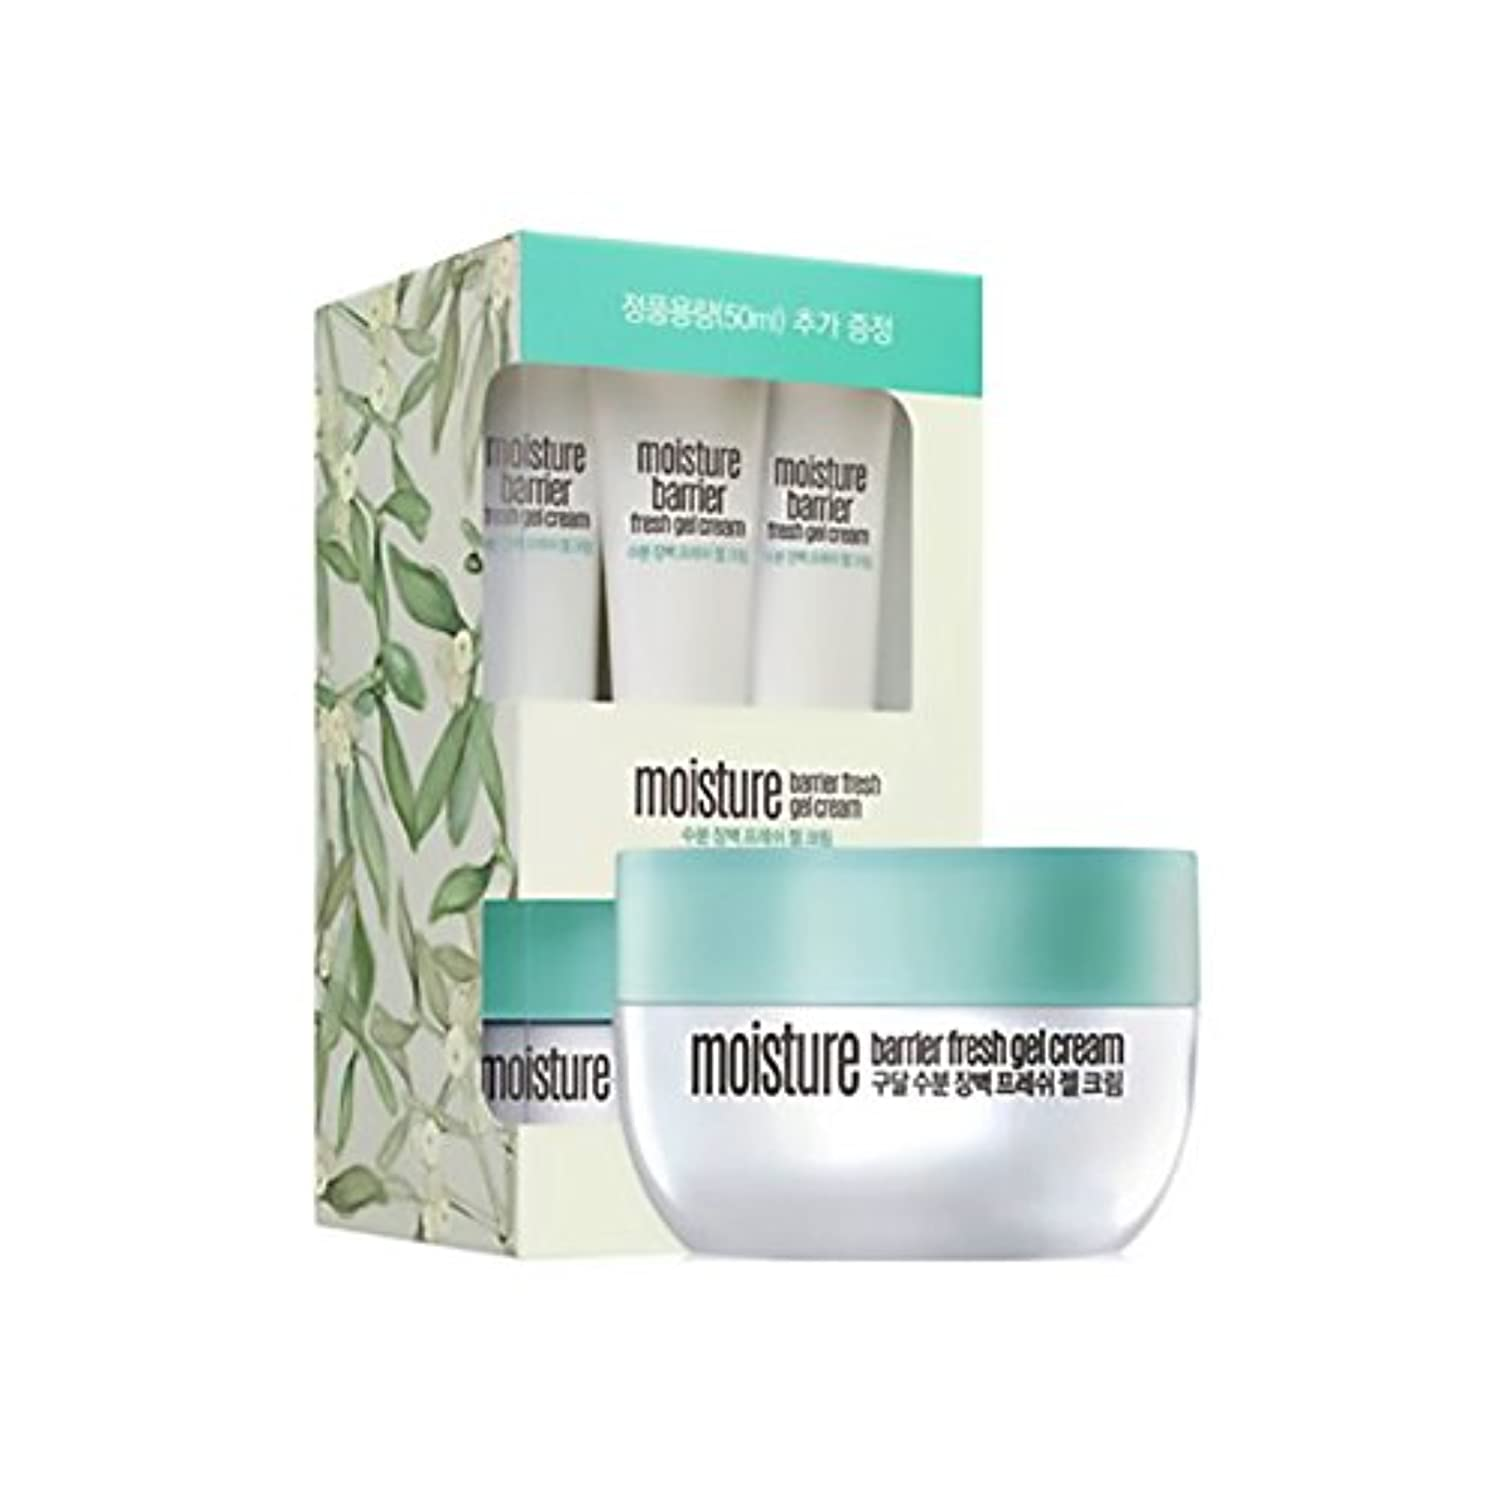 デンプシー座標トリムgoodal moisture barrier fresh gel cream set